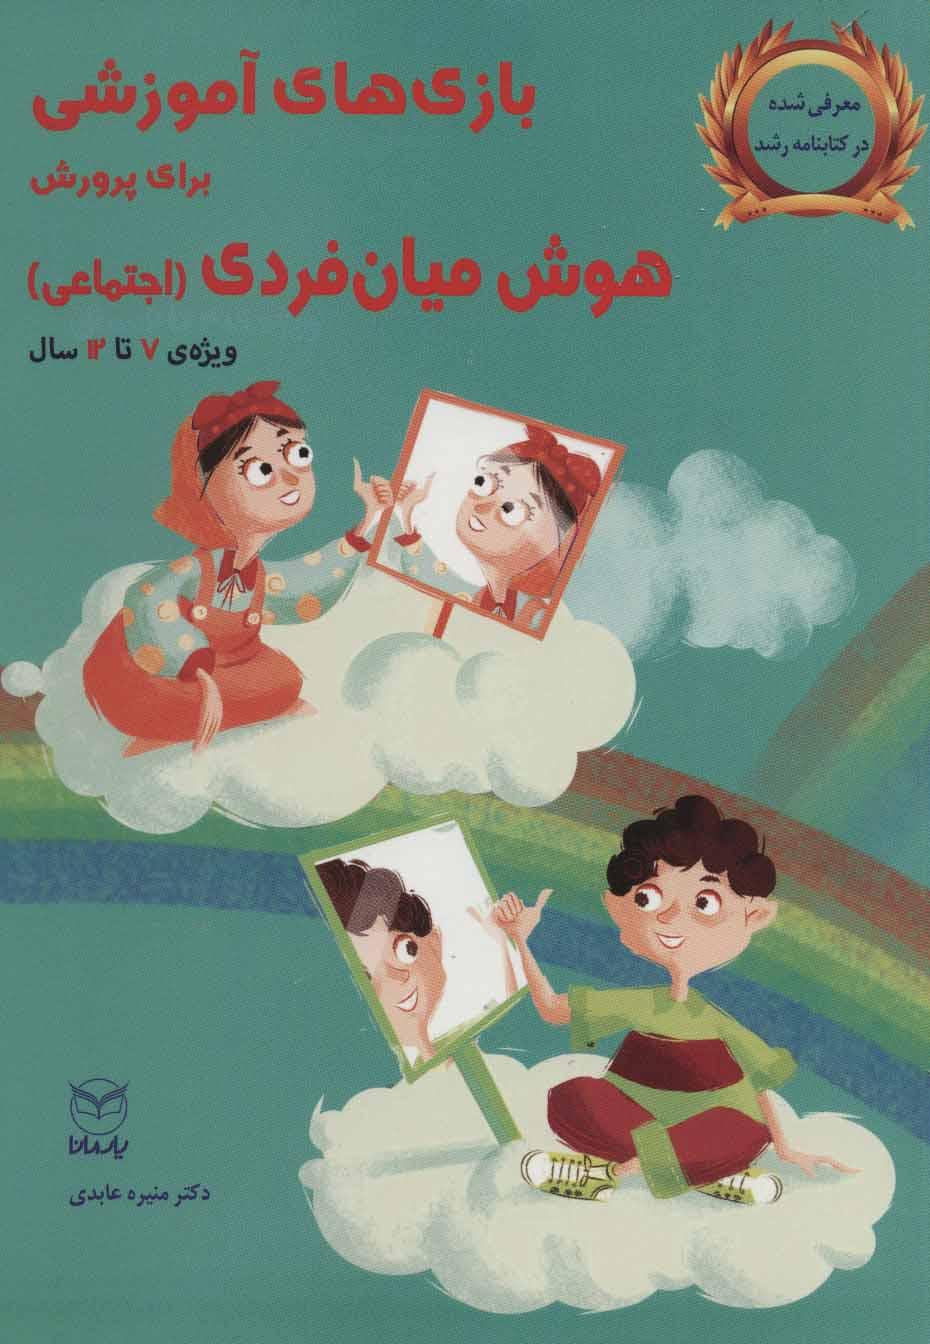 بازی های آموزشی برای پرورش هوش میان فردی (اجتماعی)،(ویژه ی 7تا12سال)